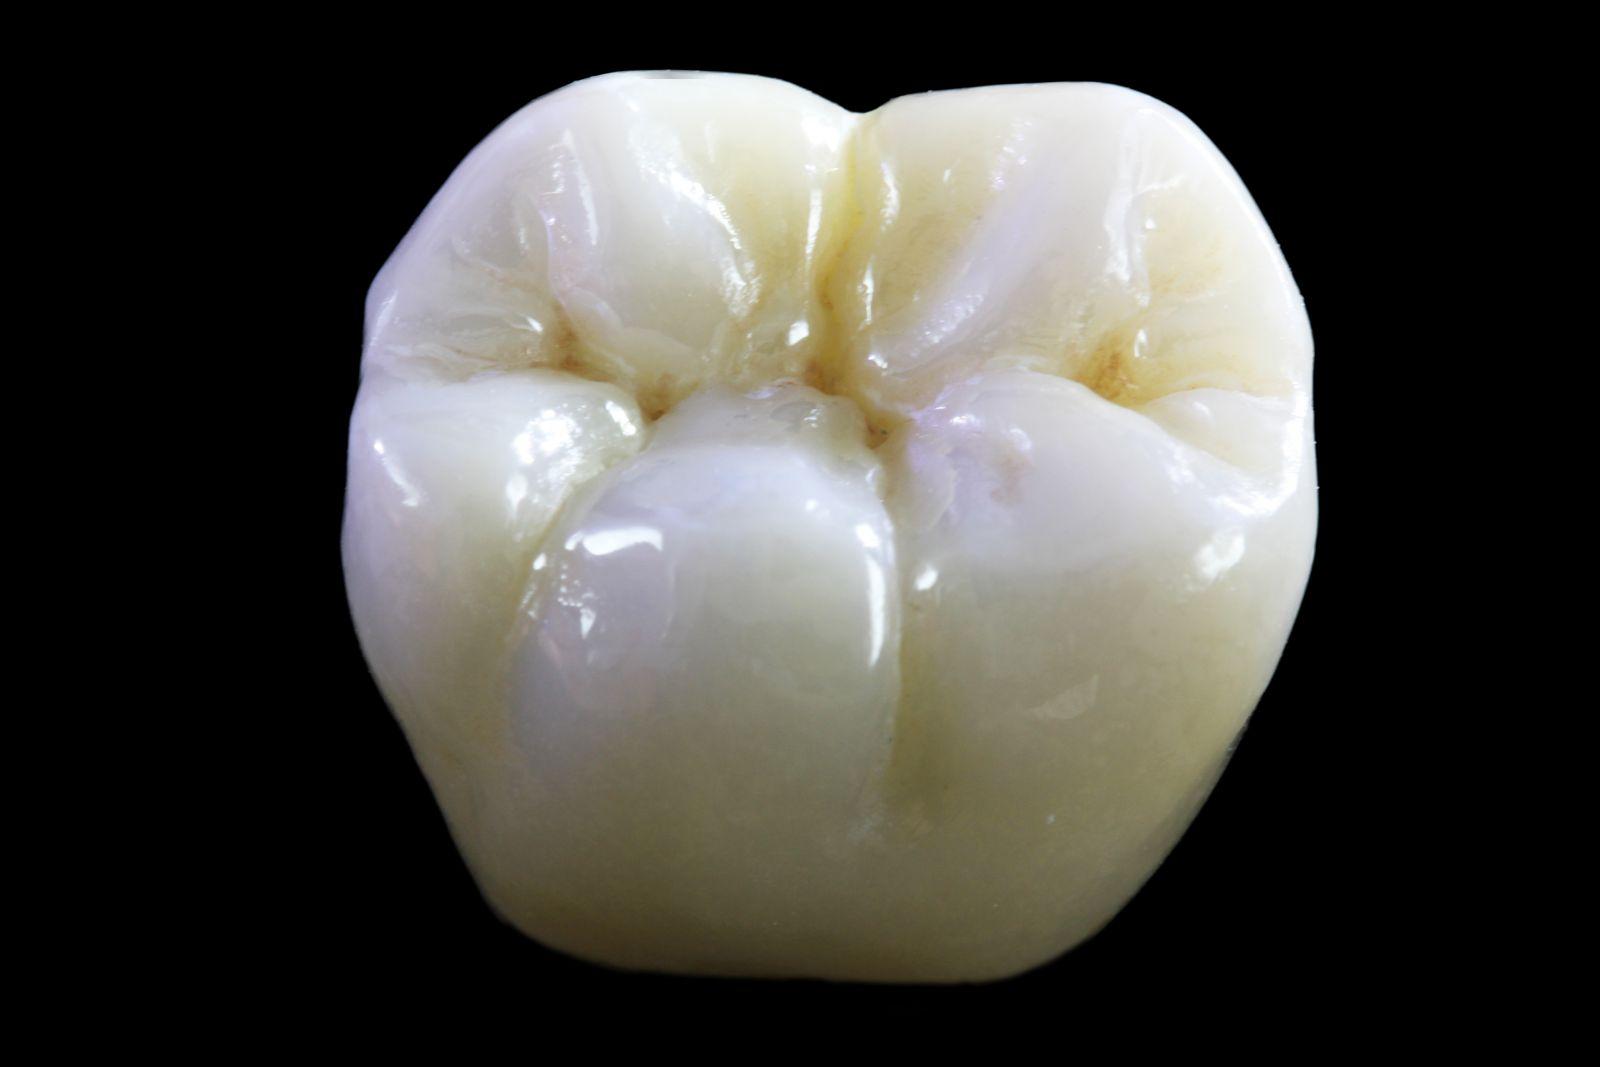 Làm răng giả bằng loại sứ nào tốt nhất? 1